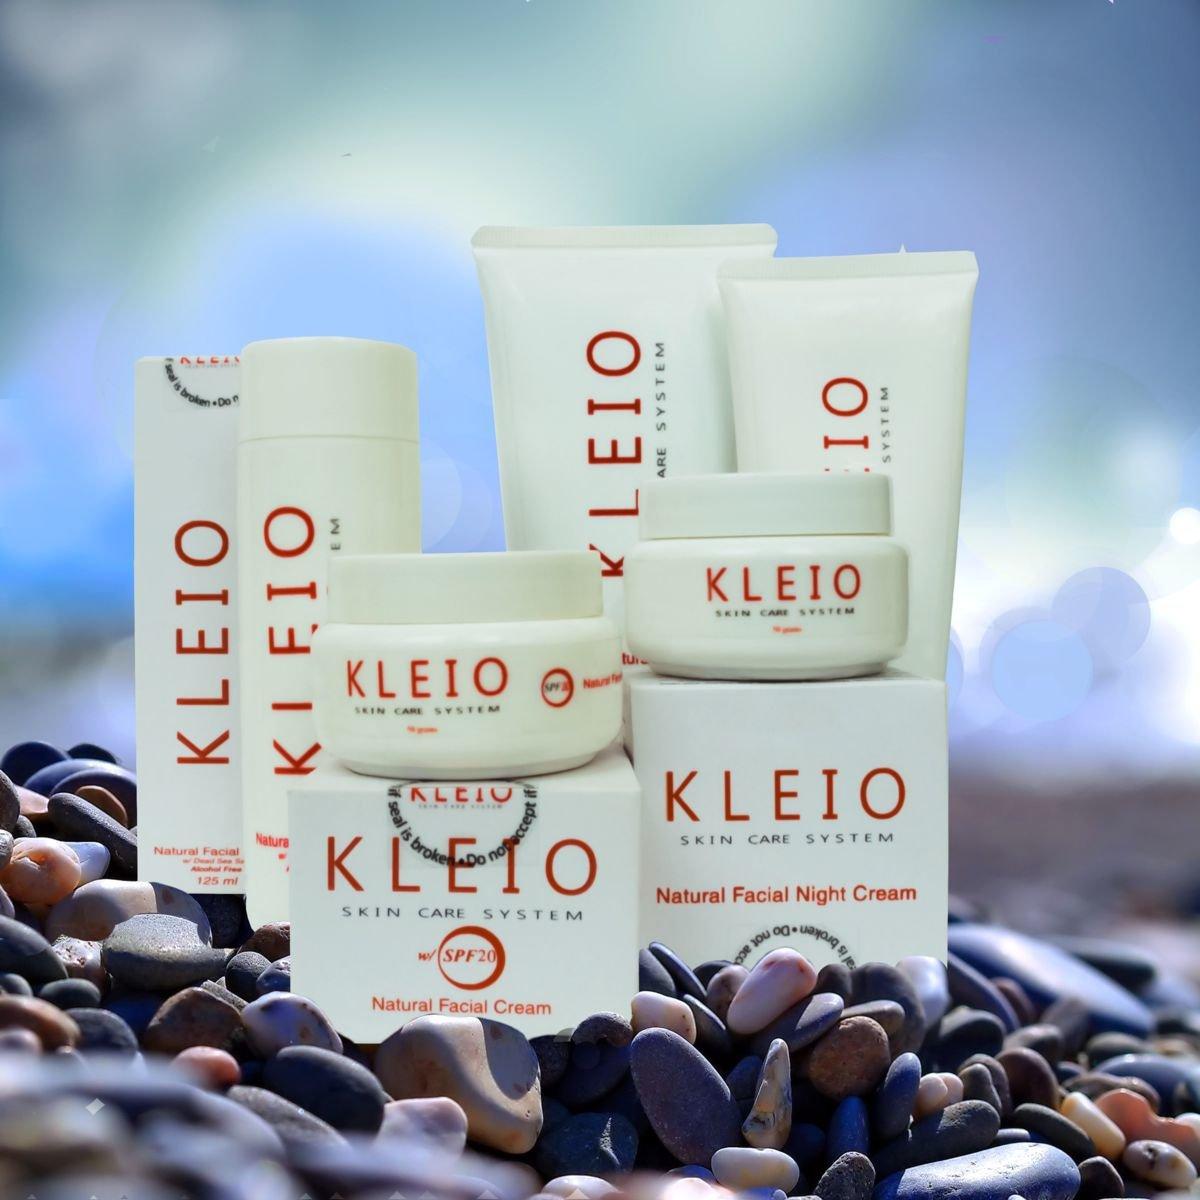 Natural Facial Cream with SPF50 KleioKleio<br>Дневной крем для лица, увлажняющий, питательный с&amp;nbsp;плотной текстурой обладает сильными солнцезащитными свойствами. Он сохраняет естественную увлажненность и обеспечивает влагу в растущих клетках кожи, одновременно защищает кожу от вредного воздействия солнечных лучей с помощью солнечных фильтров. Разглаживает, придает коже лица яркость и выравнивает ее текстуру. Подходит для всех типов кожи, а также для особенно чувствительной кожи с морщинами<br>Благодаря содержащимся в составе крема натуральным природным активным веществам, минералам и солям Мертвого моря в сочетании с деионизированной водой чистейшего моря Сулу, он превосходно сохраняет естественную увлажненность Вашей кожи, при этом, в случае необходимости, замечательно увлажняет и питает кожу в течение всего дня, снимает раздражение, укрепляет, успокаивает и способствует регенерации кожного покрова. После применения крема быстро нормализуется гидробаланс и функциональность эпидермиса: улучшается работа эпидермальных липидов в роговом слое кожи, способных удерживать свободную влагу, вследствие чего повышается активность ферментов, которые способствуют максимально эффективному усвоению витаминов и минералов.<br>В результате блокируется процесс дегидратации (обезвоживания) и значительно улучшается общее состояние кожи: разглаживается, повышается упругость и эластичность, появляется естественный цвет лица и яркость, выравнивается текстура. Также улучшается состояние кислотной мантии (кислая гидролипидная защитная пленка) и уравновешивается Ph баланс, что в свою очередь приведет к повышению собственного иммунитета кожи, защищая ее от воздействия различных неблагоприятных факторов окружающей среды.<br>В результате нормализации водного баланса кожи значительно улучшится ее десквамация (отшелушивание и отслаивание отмерших клеток с поверхности рогового слоя кожи), вследствие чего кожа достигает заметного омолаживающего эффекта. С помощью усиленного минерального УФ-ф